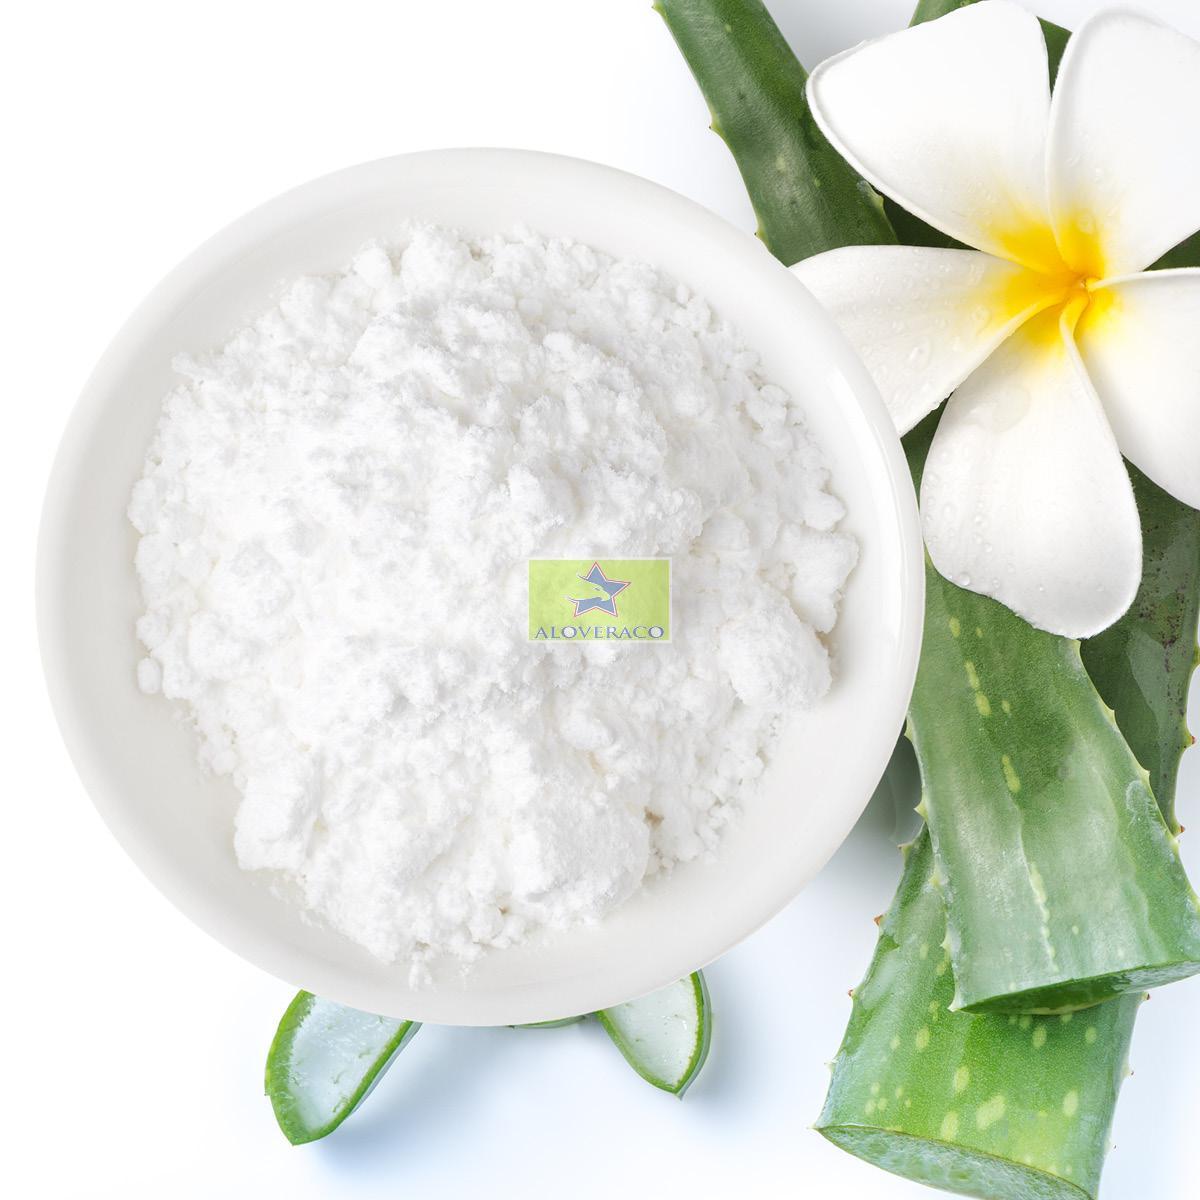 پودر سفید آلوورا